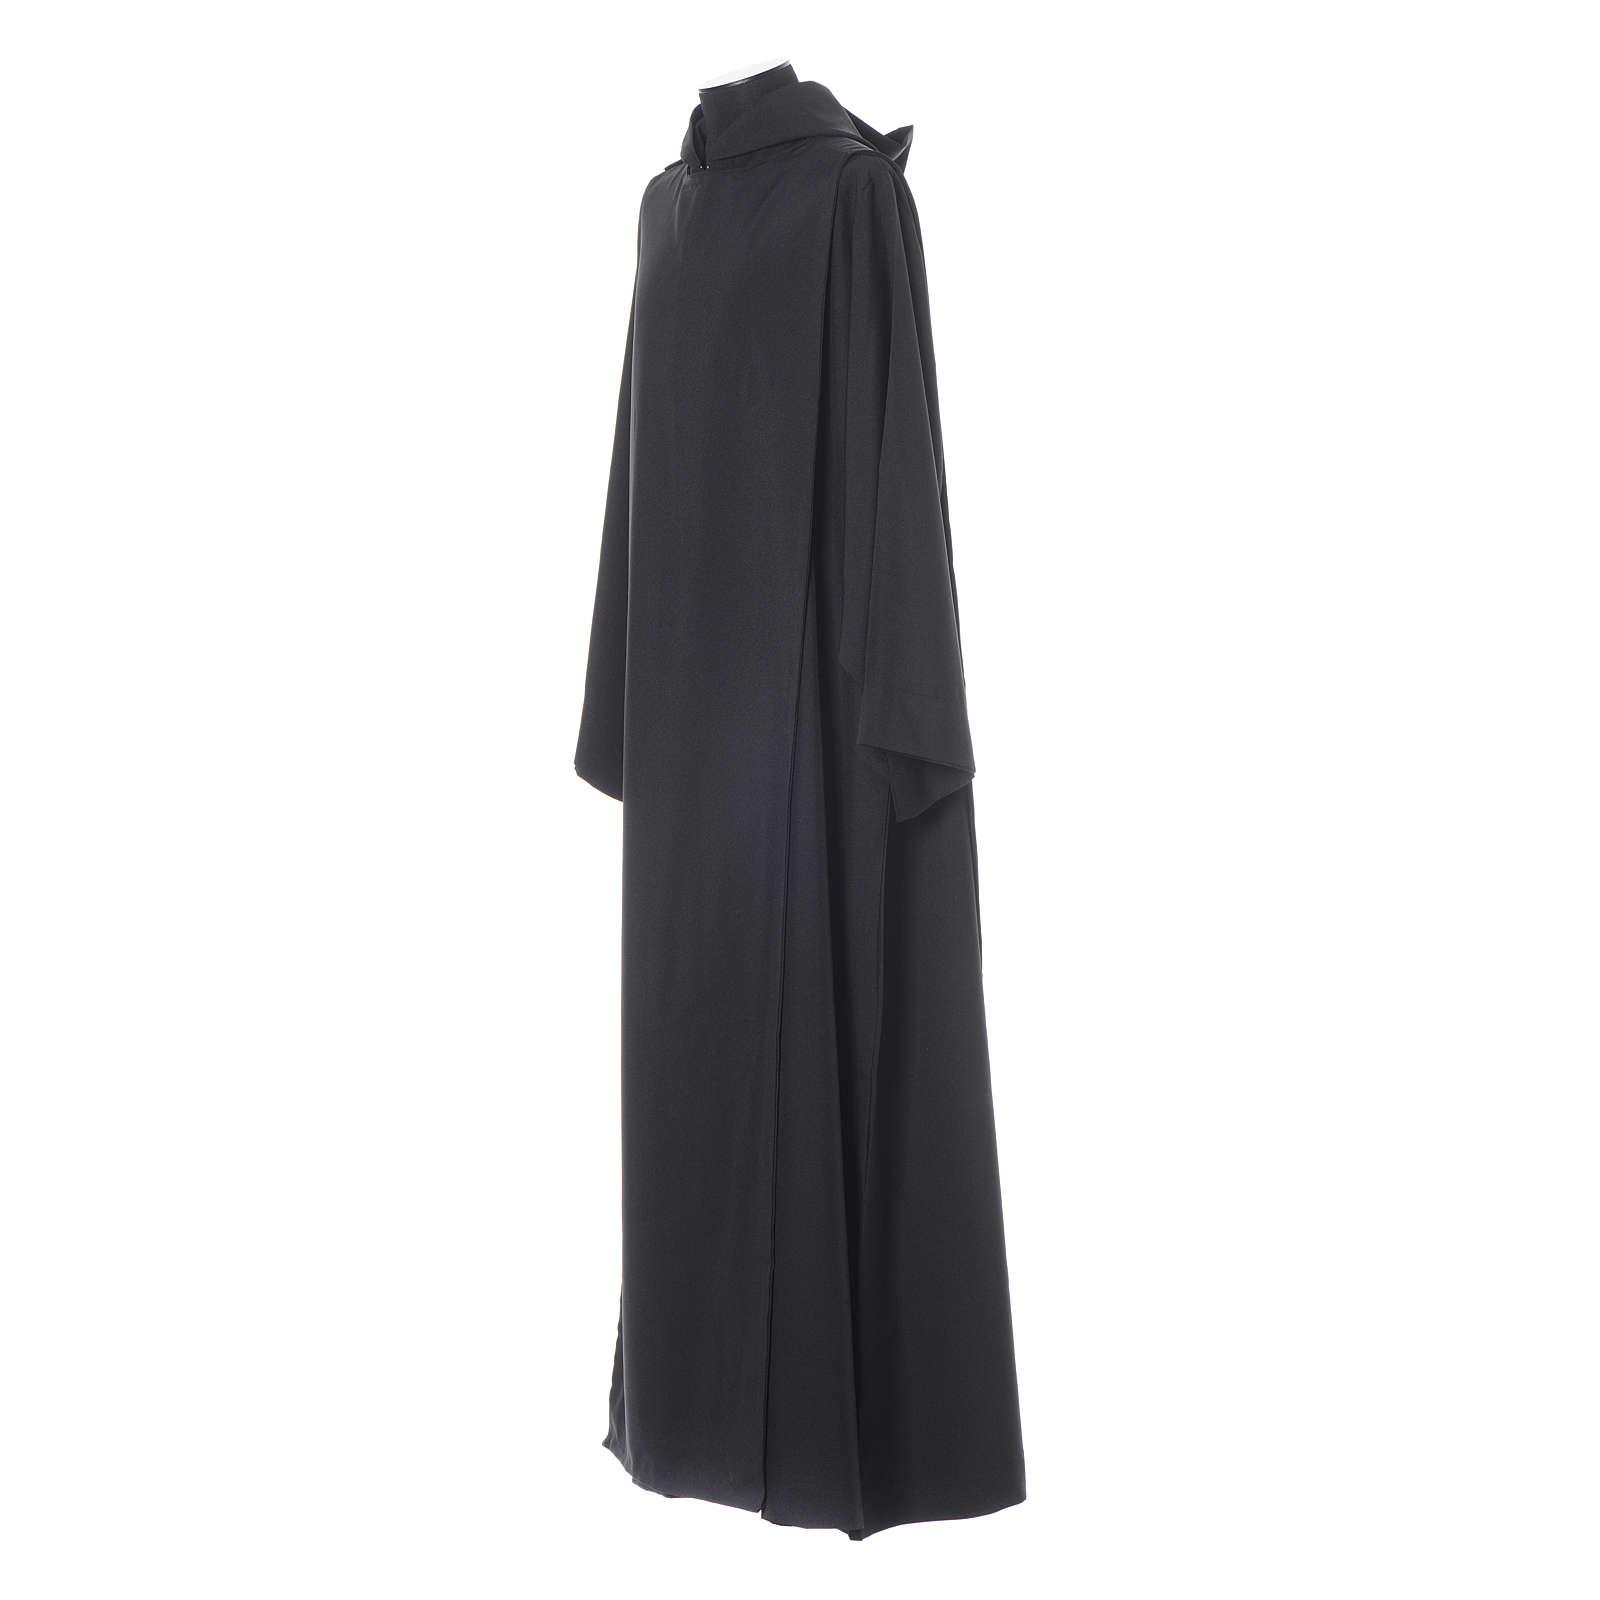 Camice benedettino nero poliestere 4